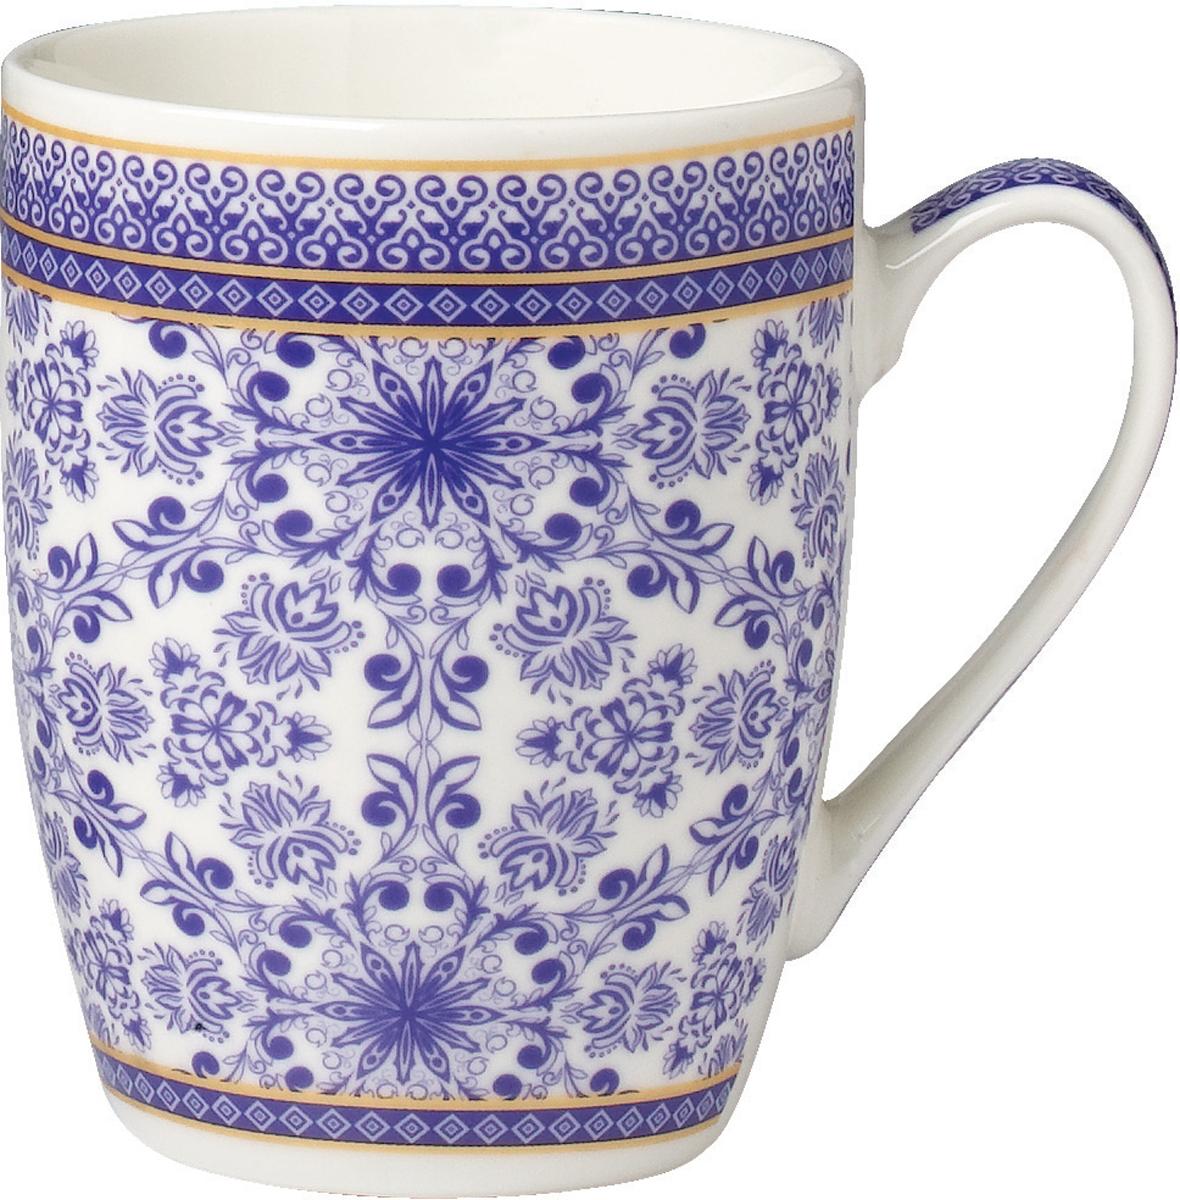 """Кружка """"Rainbow"""" выполнена из высококачественного фарфора. Посуда из такого материала позволяет сохранить истинный вкус напитка, а также помогает дольше оставаться теплым. Кружка оснащена очень удобной ручкой.Объем: 340 мл."""